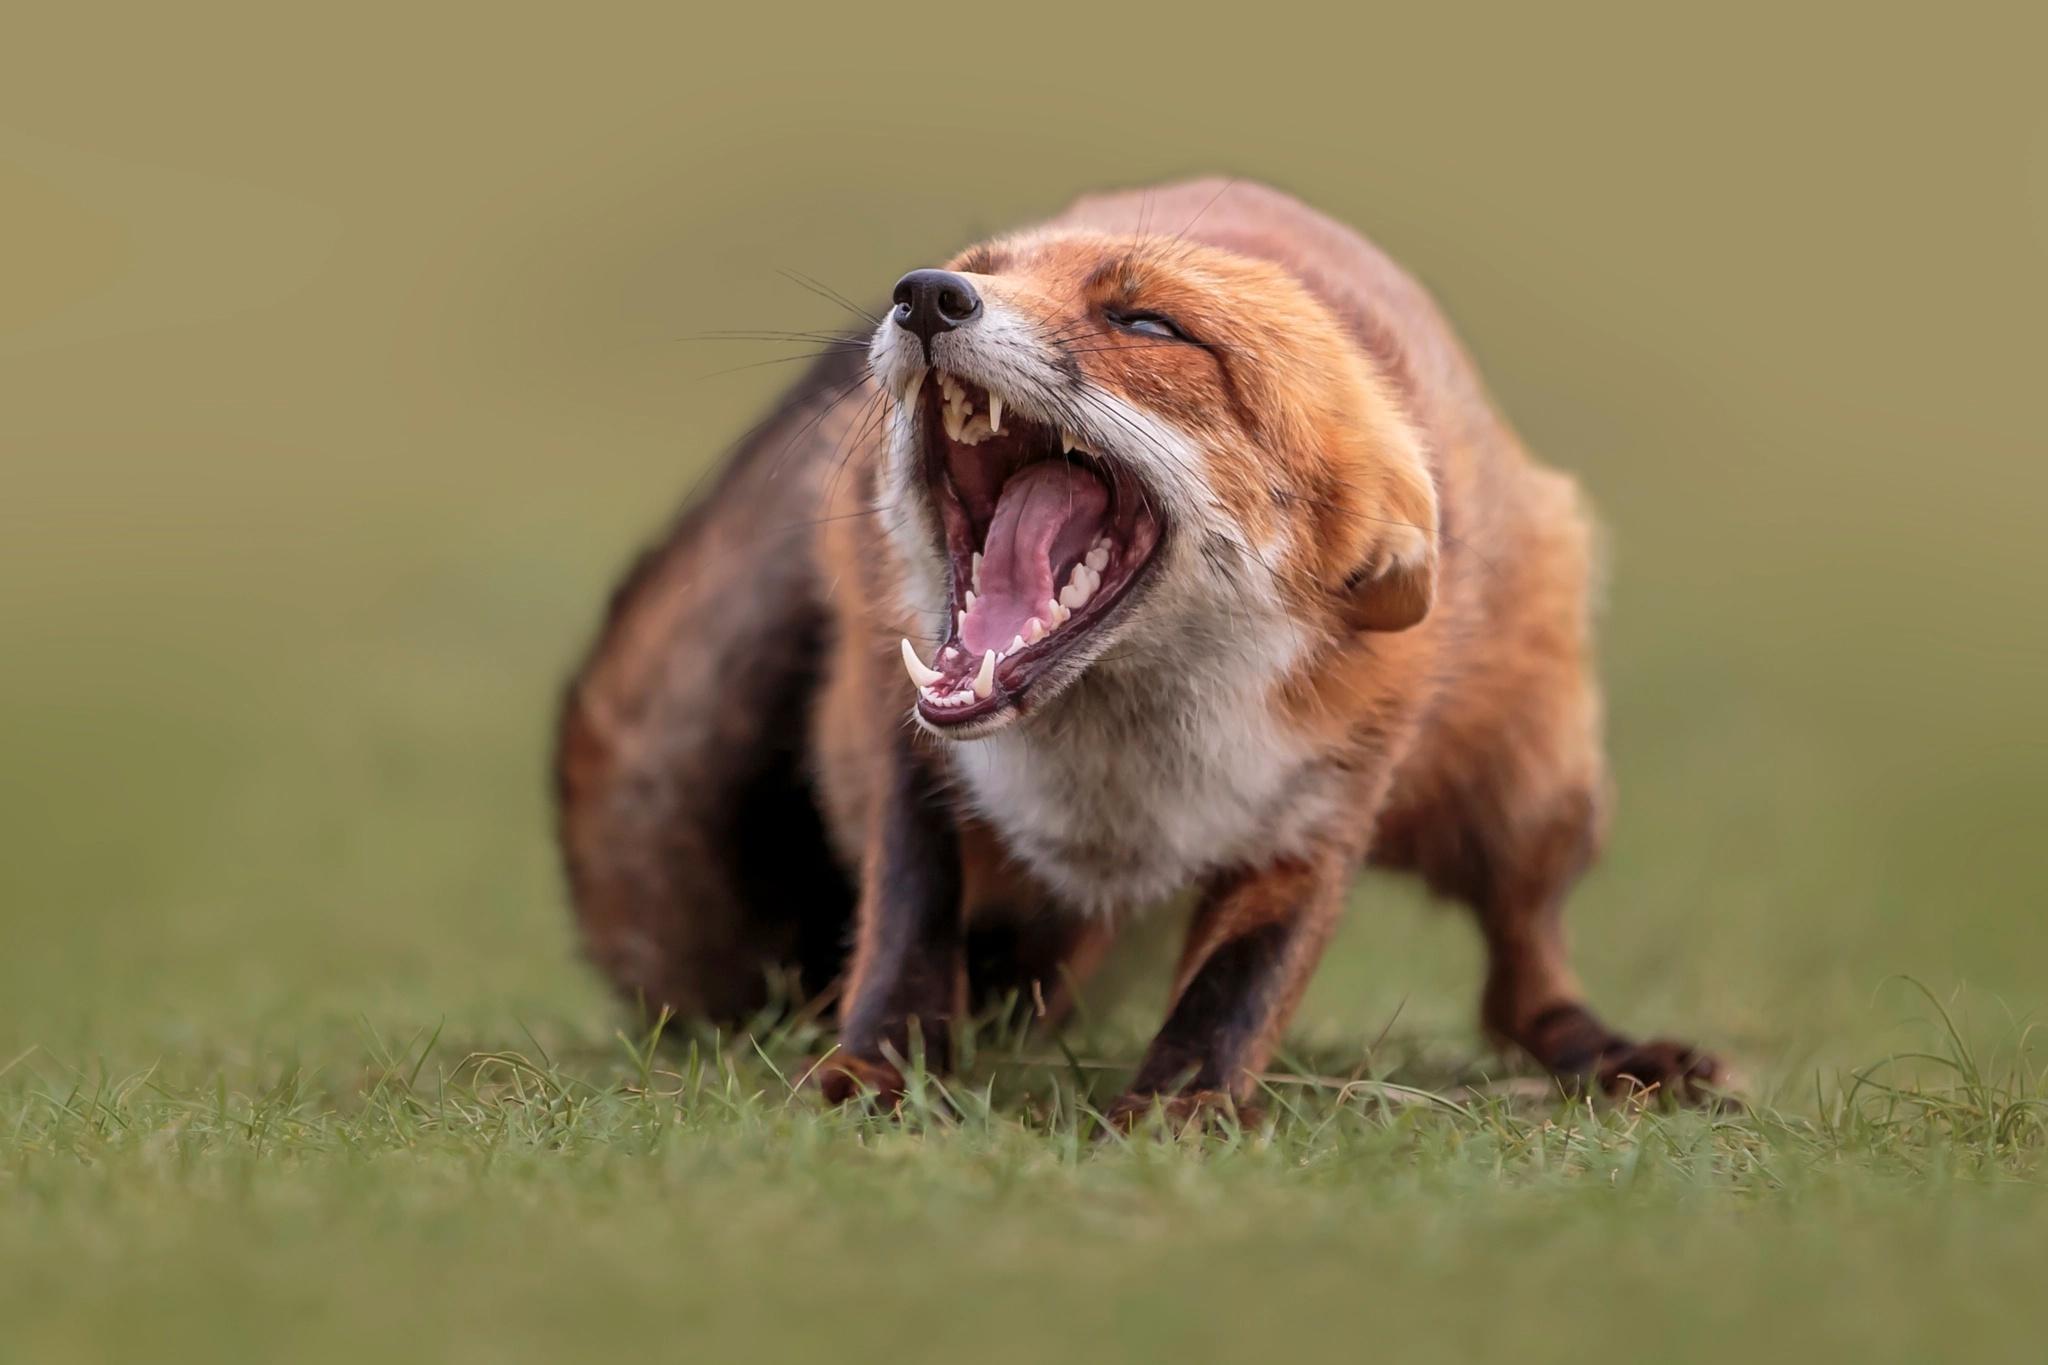 Обои для рабочего стола Лисица Клыки Размытый фон Язык (анатомия) злость животное Лисы боке языком злой Оскал рычит Животные